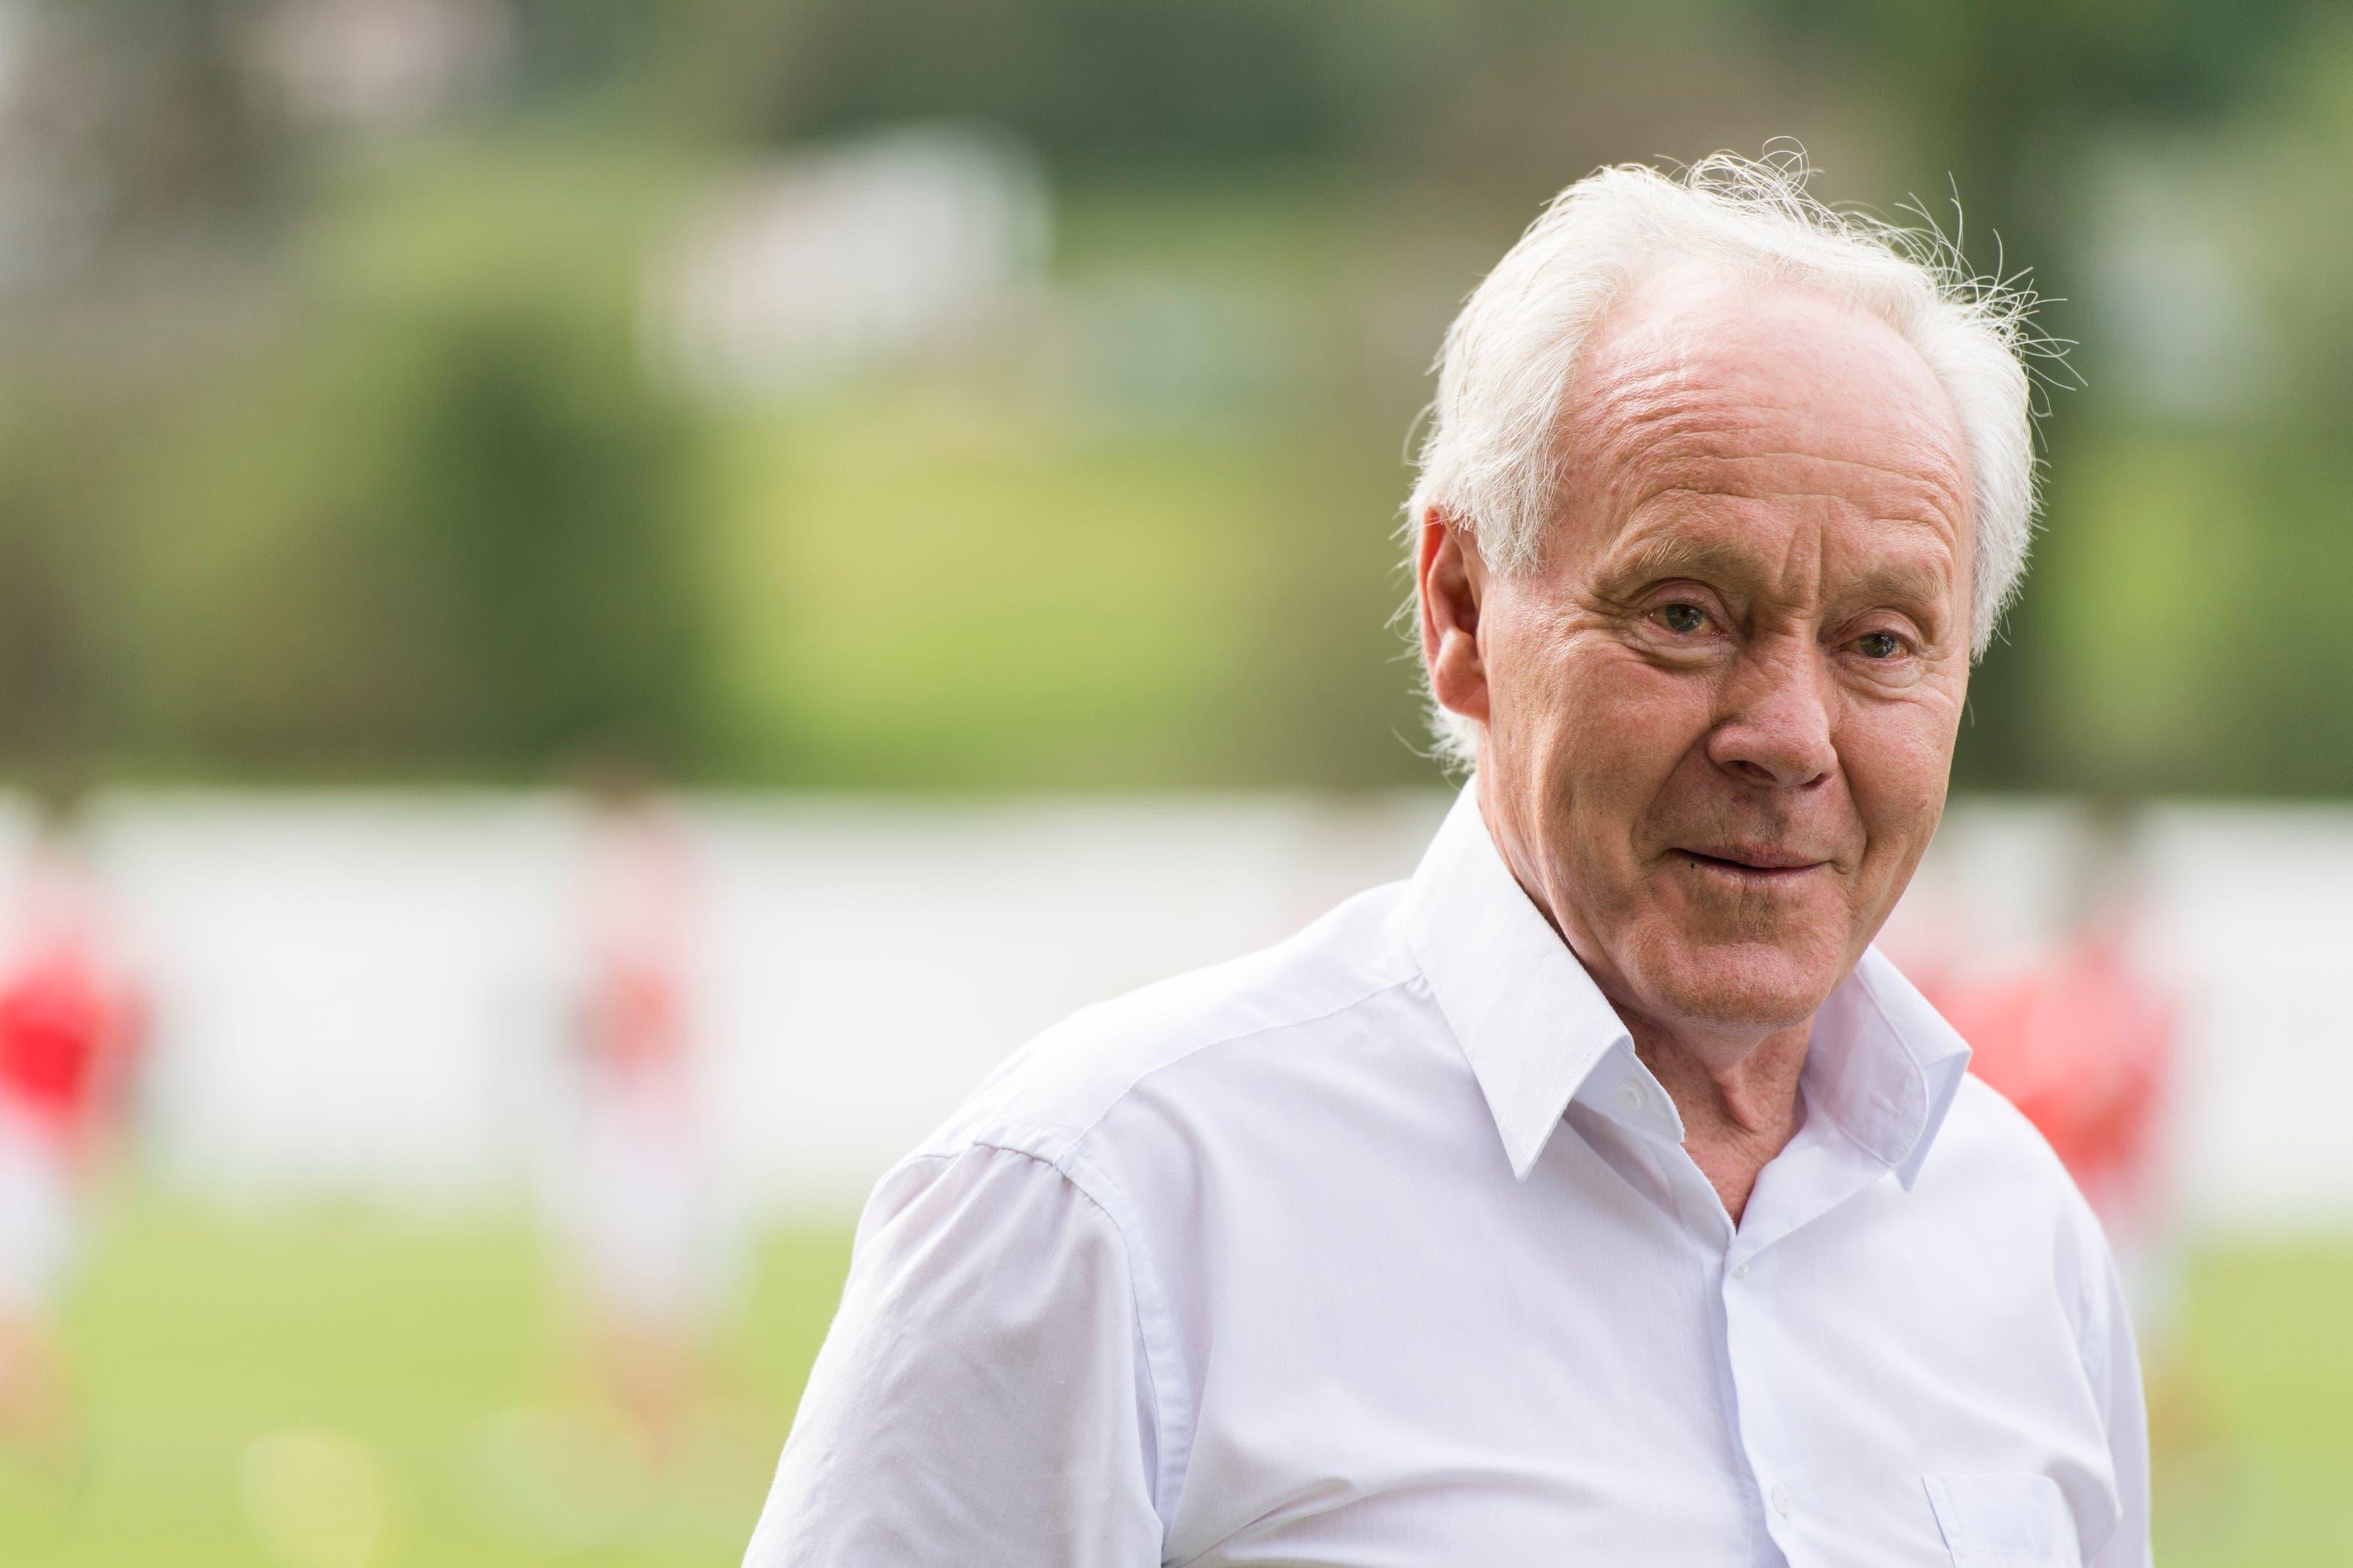 Der frühere Nationaltrainer ist am Dienstag nach langwieriger schwerer Krankheit verstorben. (Bild: Keystone/Gian Ehrenzeller, Ilanz, 26. Mai 2016)